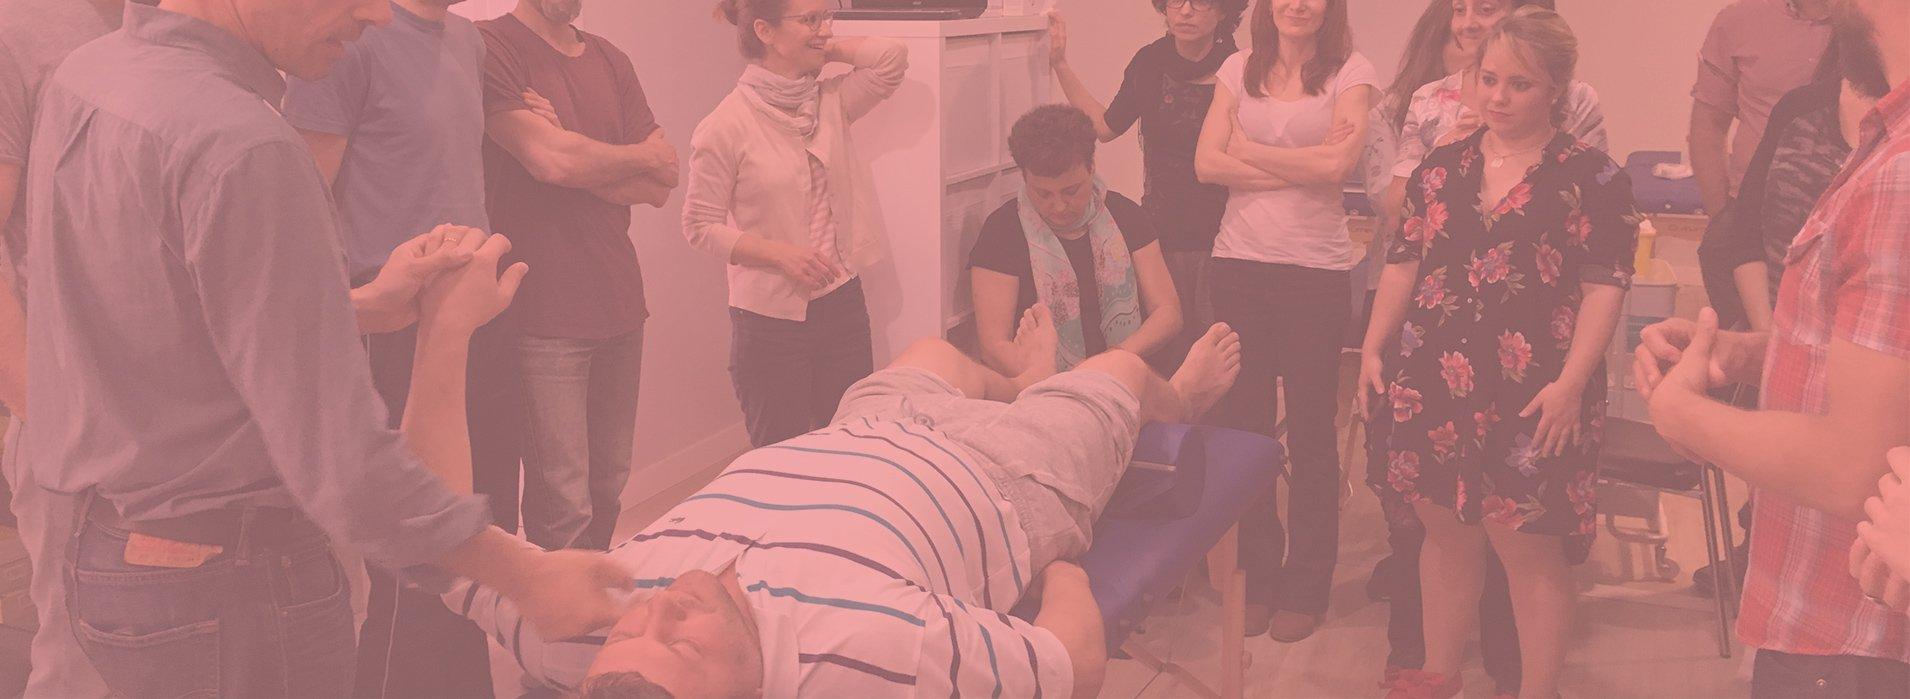 acupuntura comunitaria en madrid